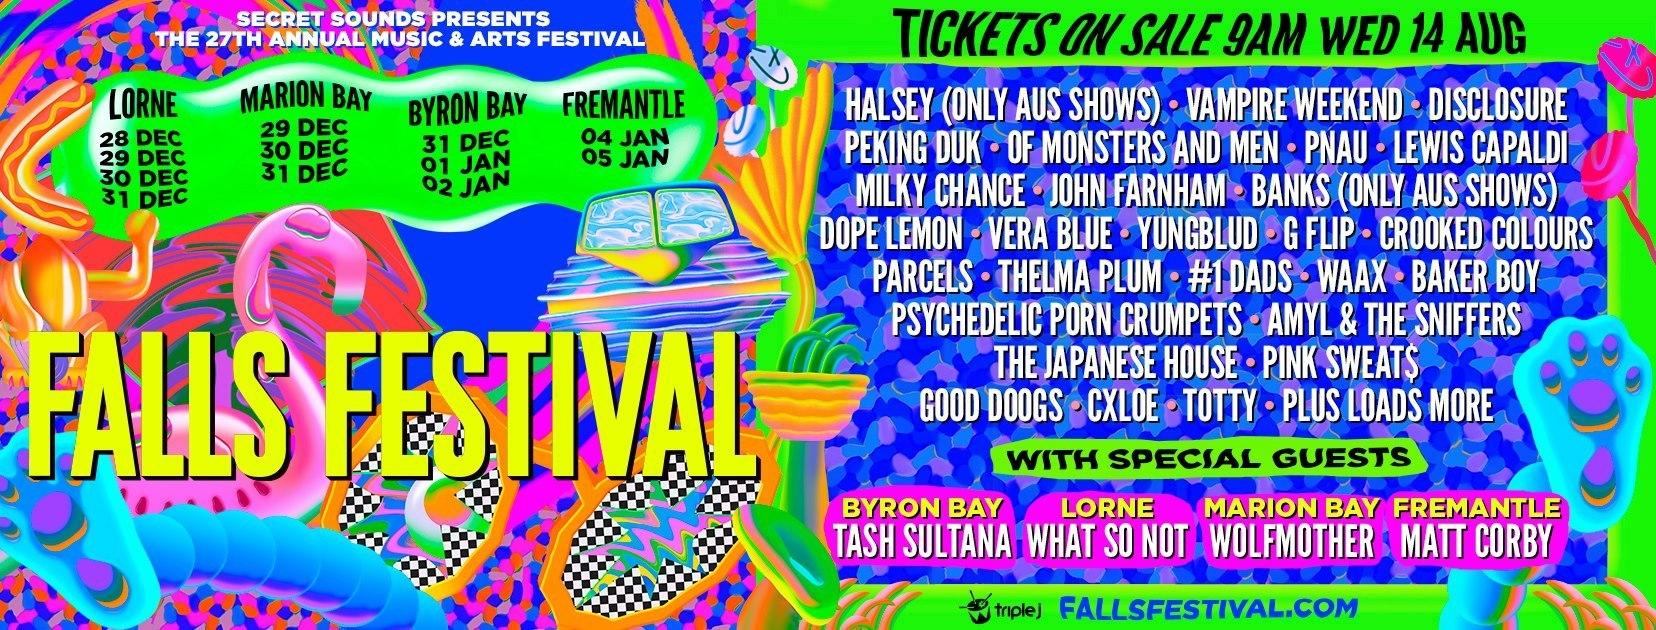 Falls Festival - New Years Eve Festivals Australia 2019